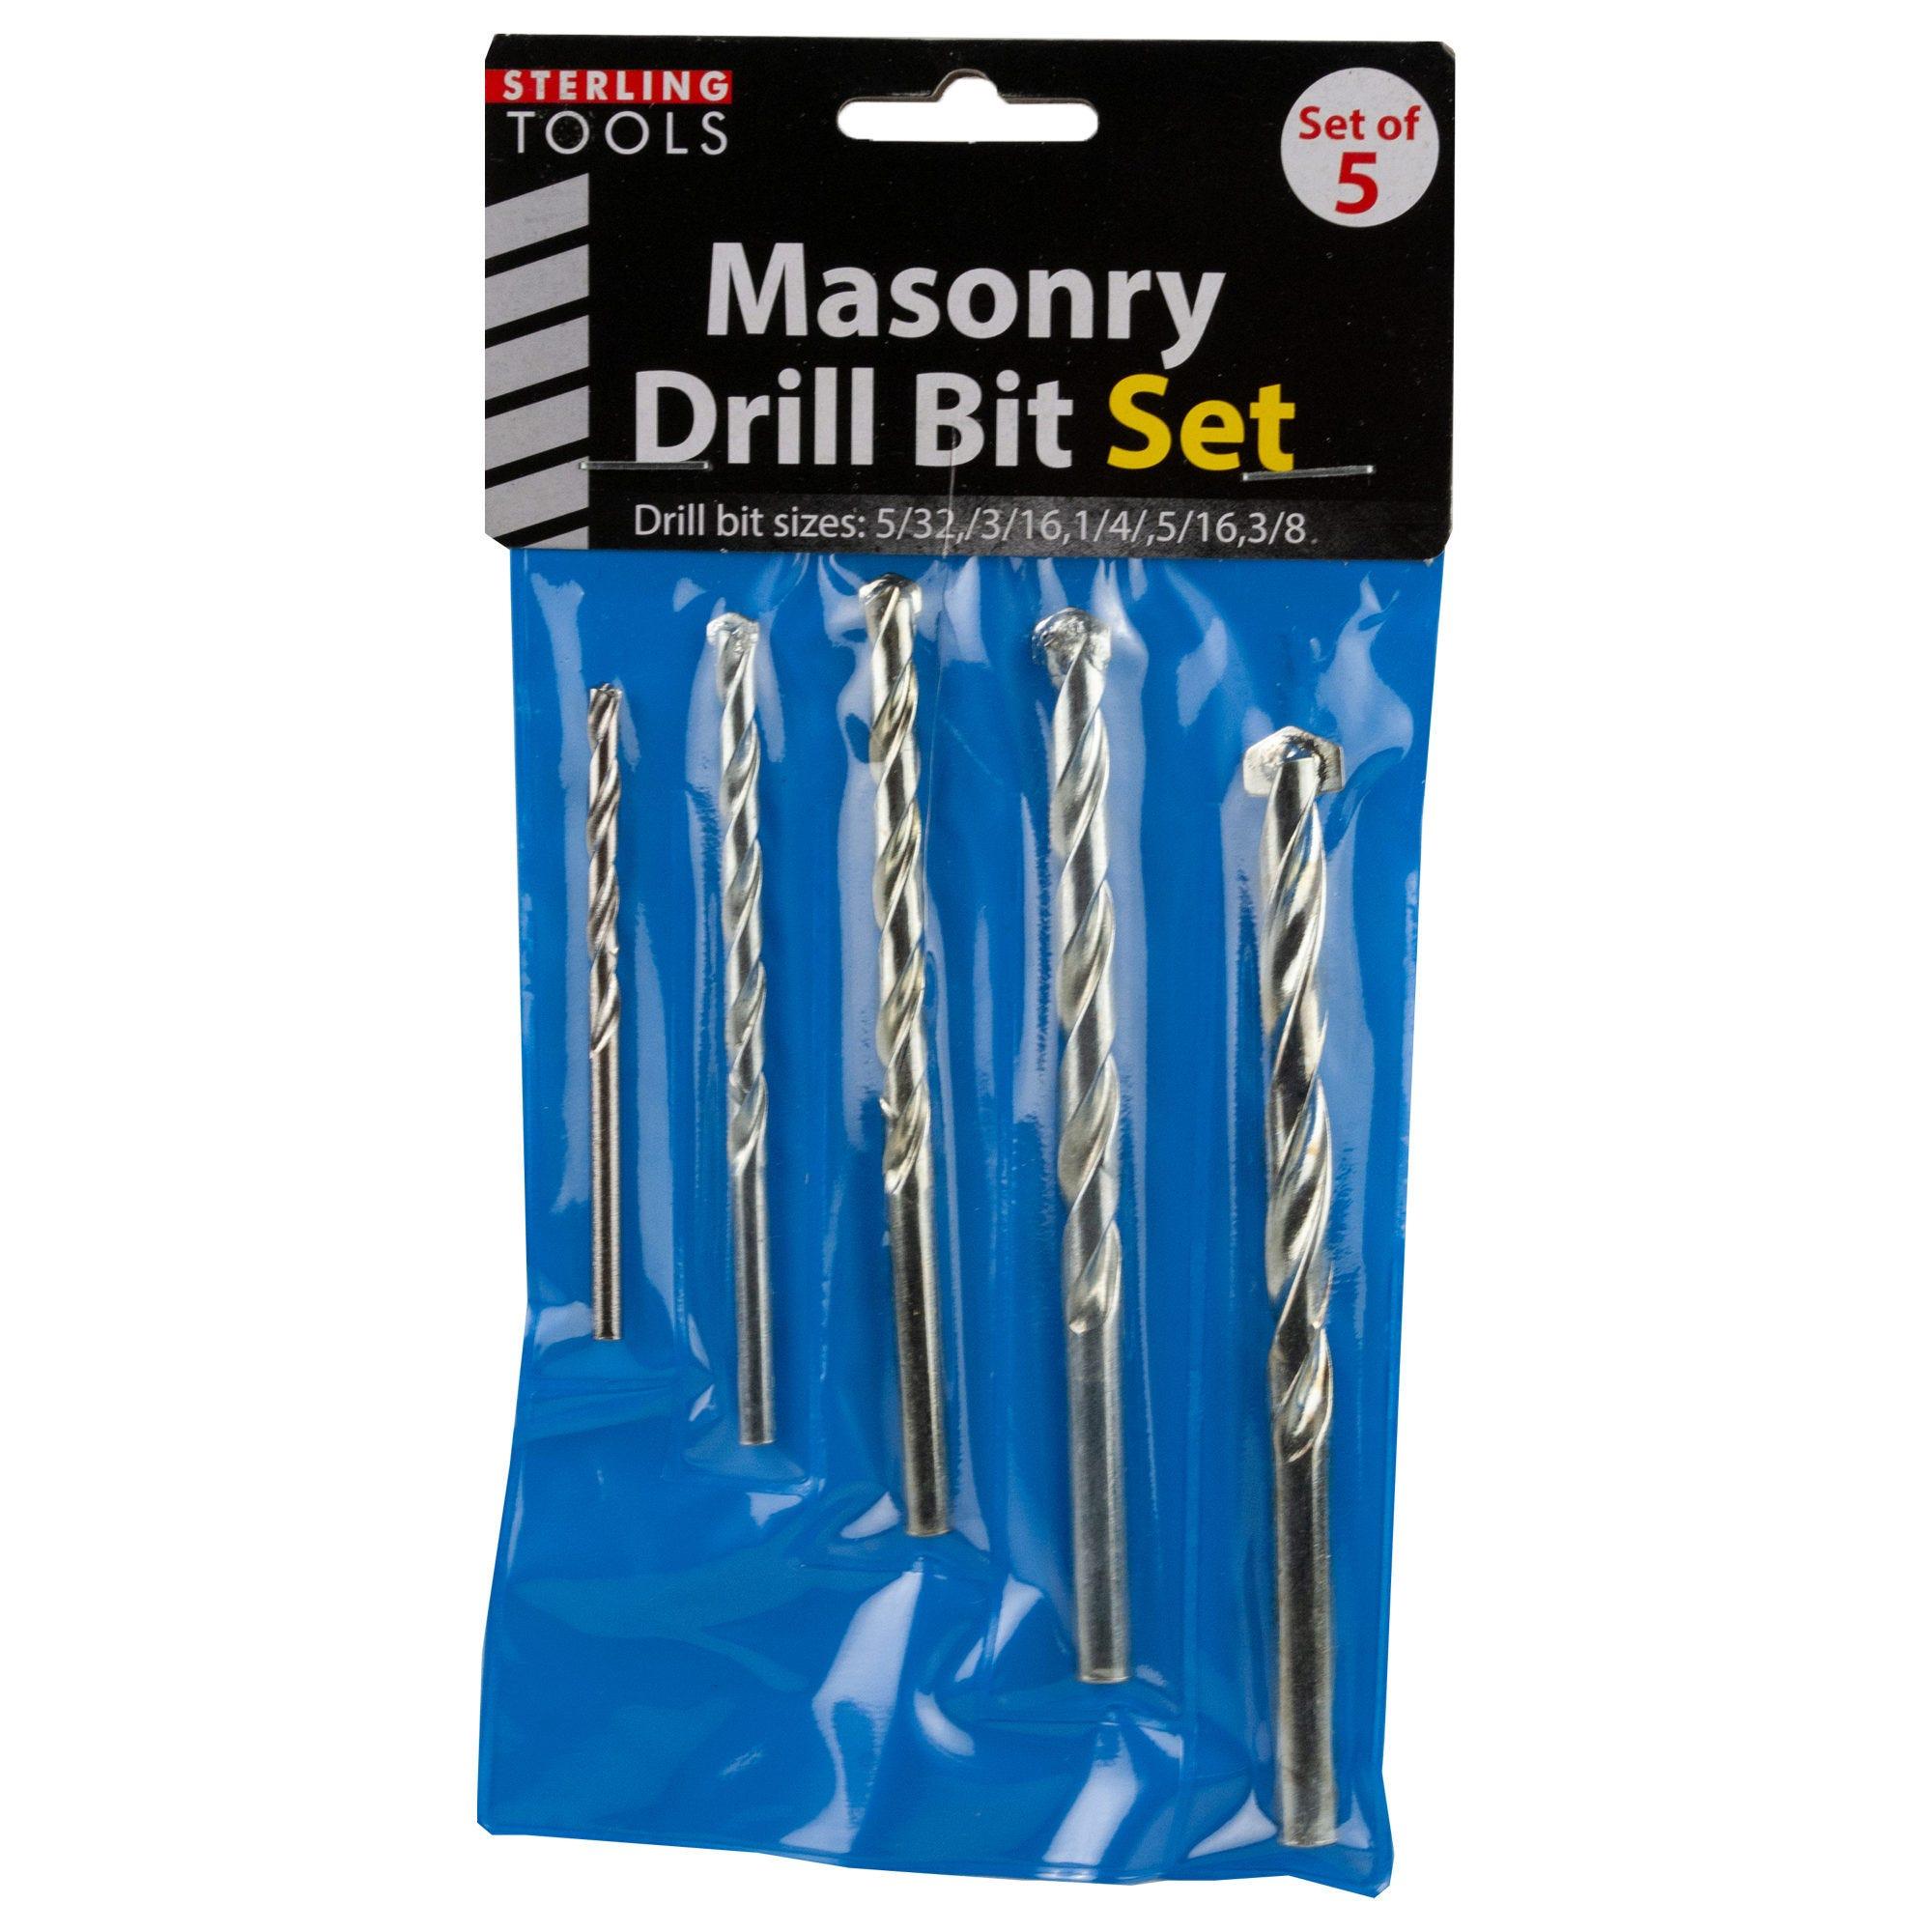 Masonry DRILL Bits- Qty 24